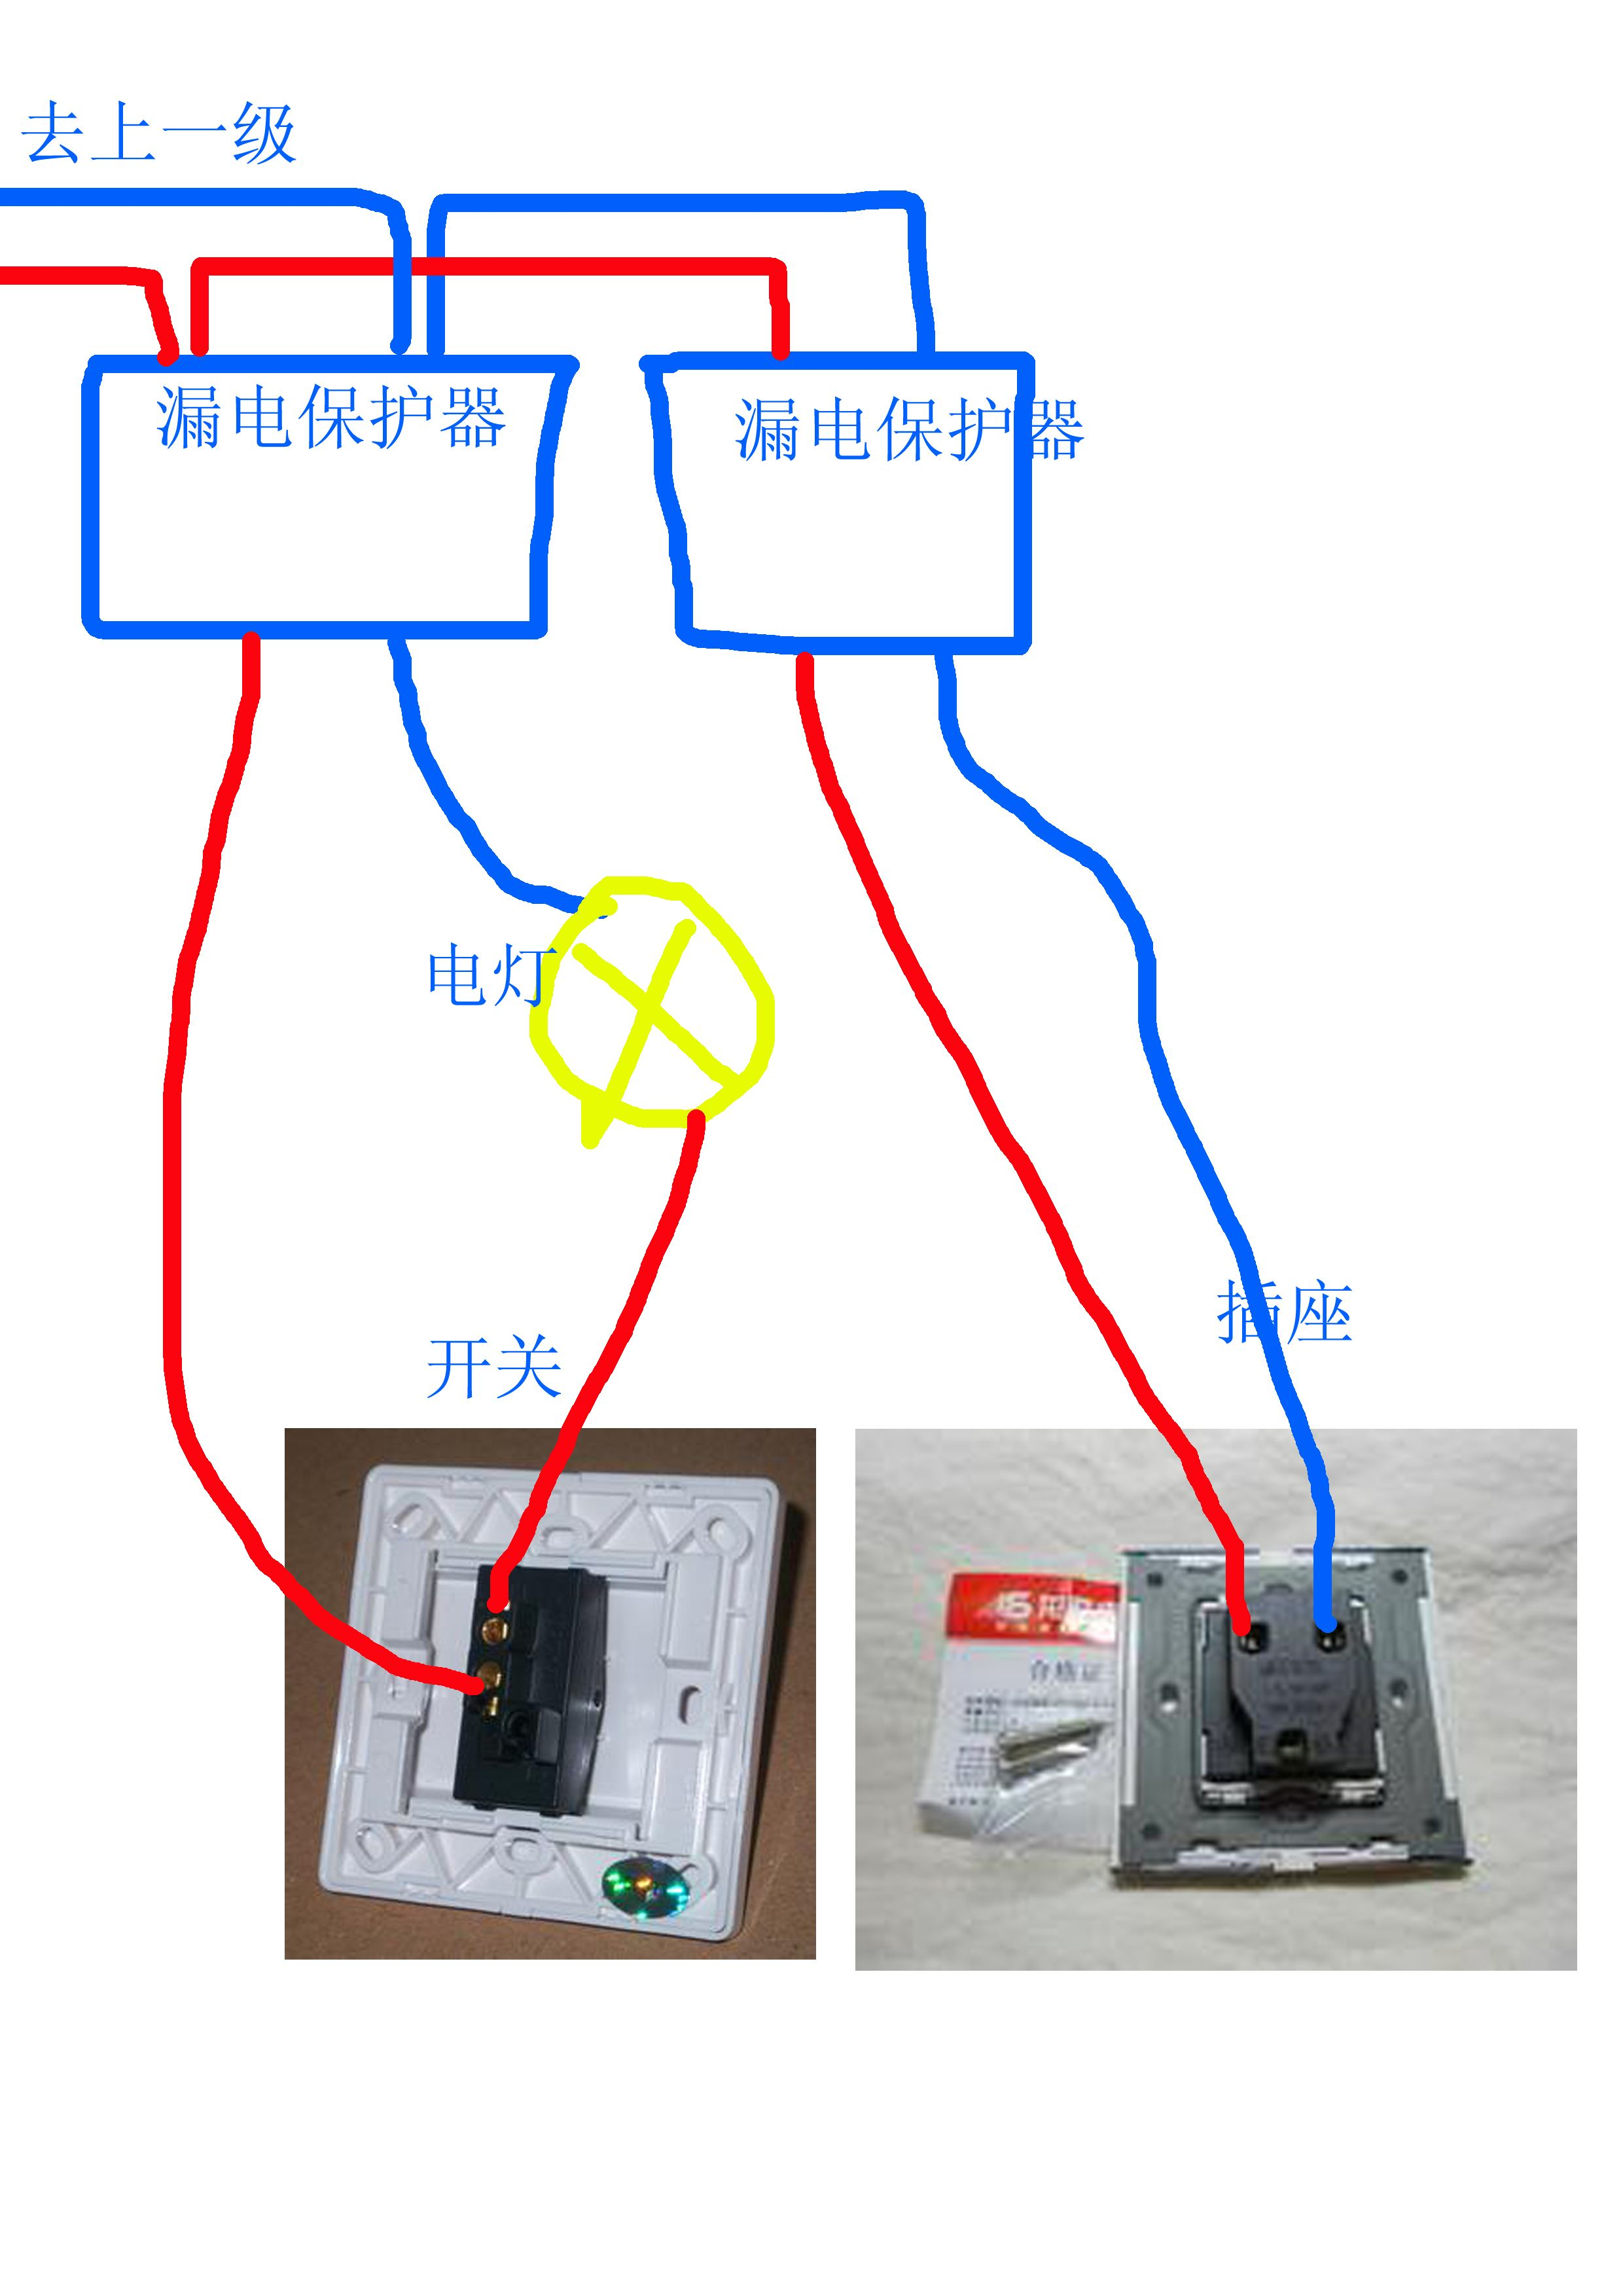 带开关五孔插座如何接线?